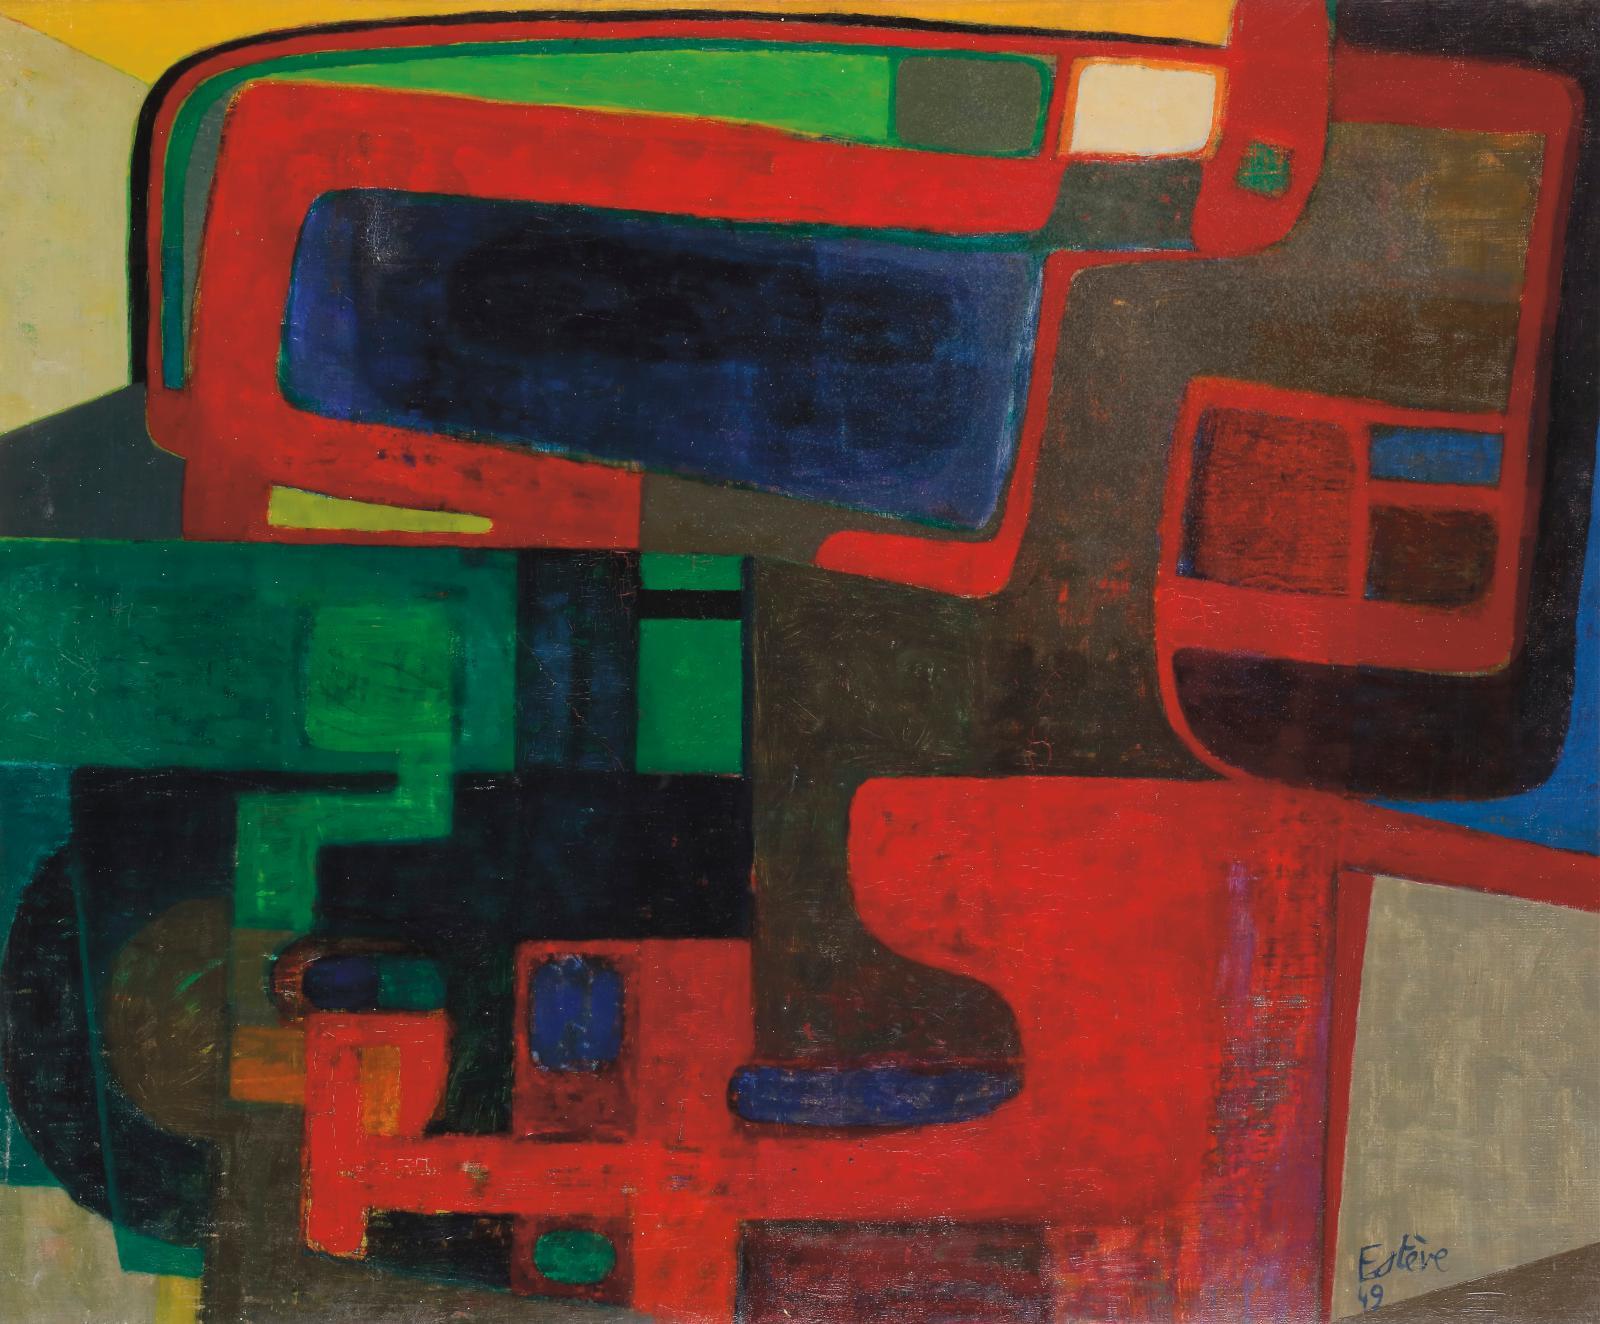 Maurice Estève (1904-2001), Mécanicien, 1949, huile sur toile, 50x61cm (détail). Estimation: 50000/80000 €